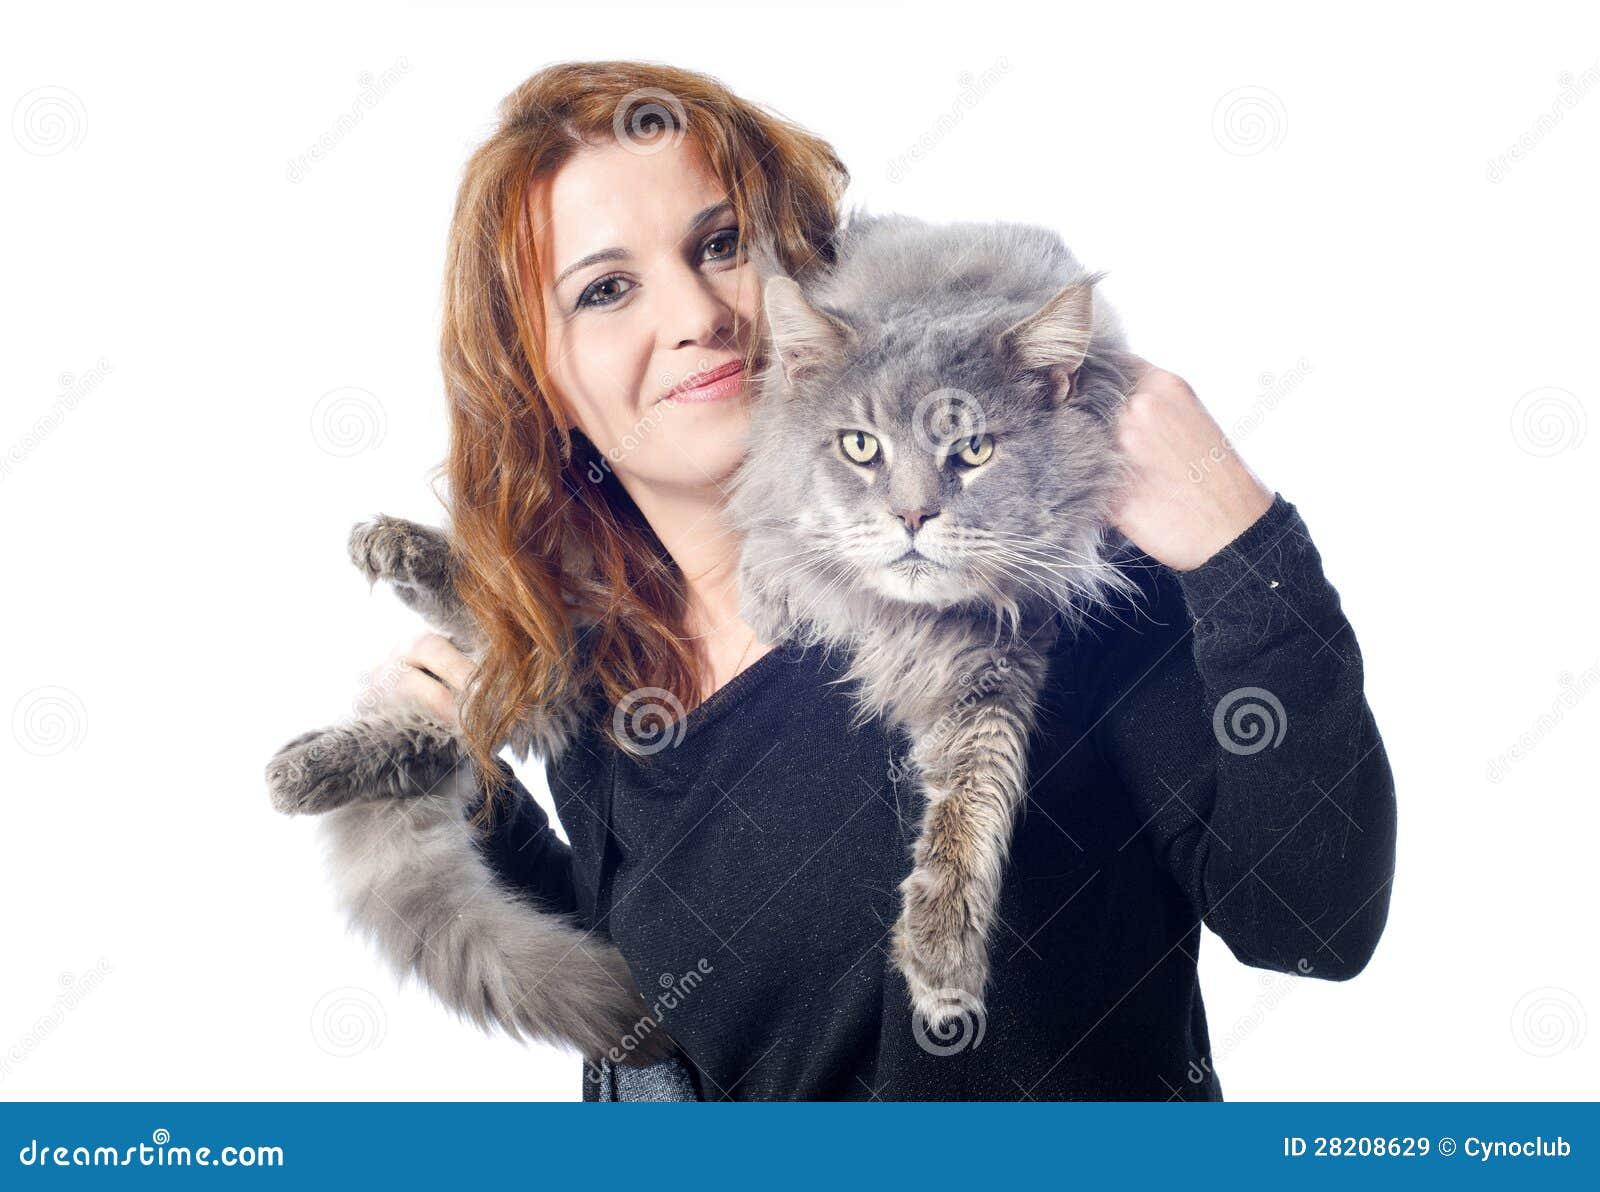 Pixwords Katze